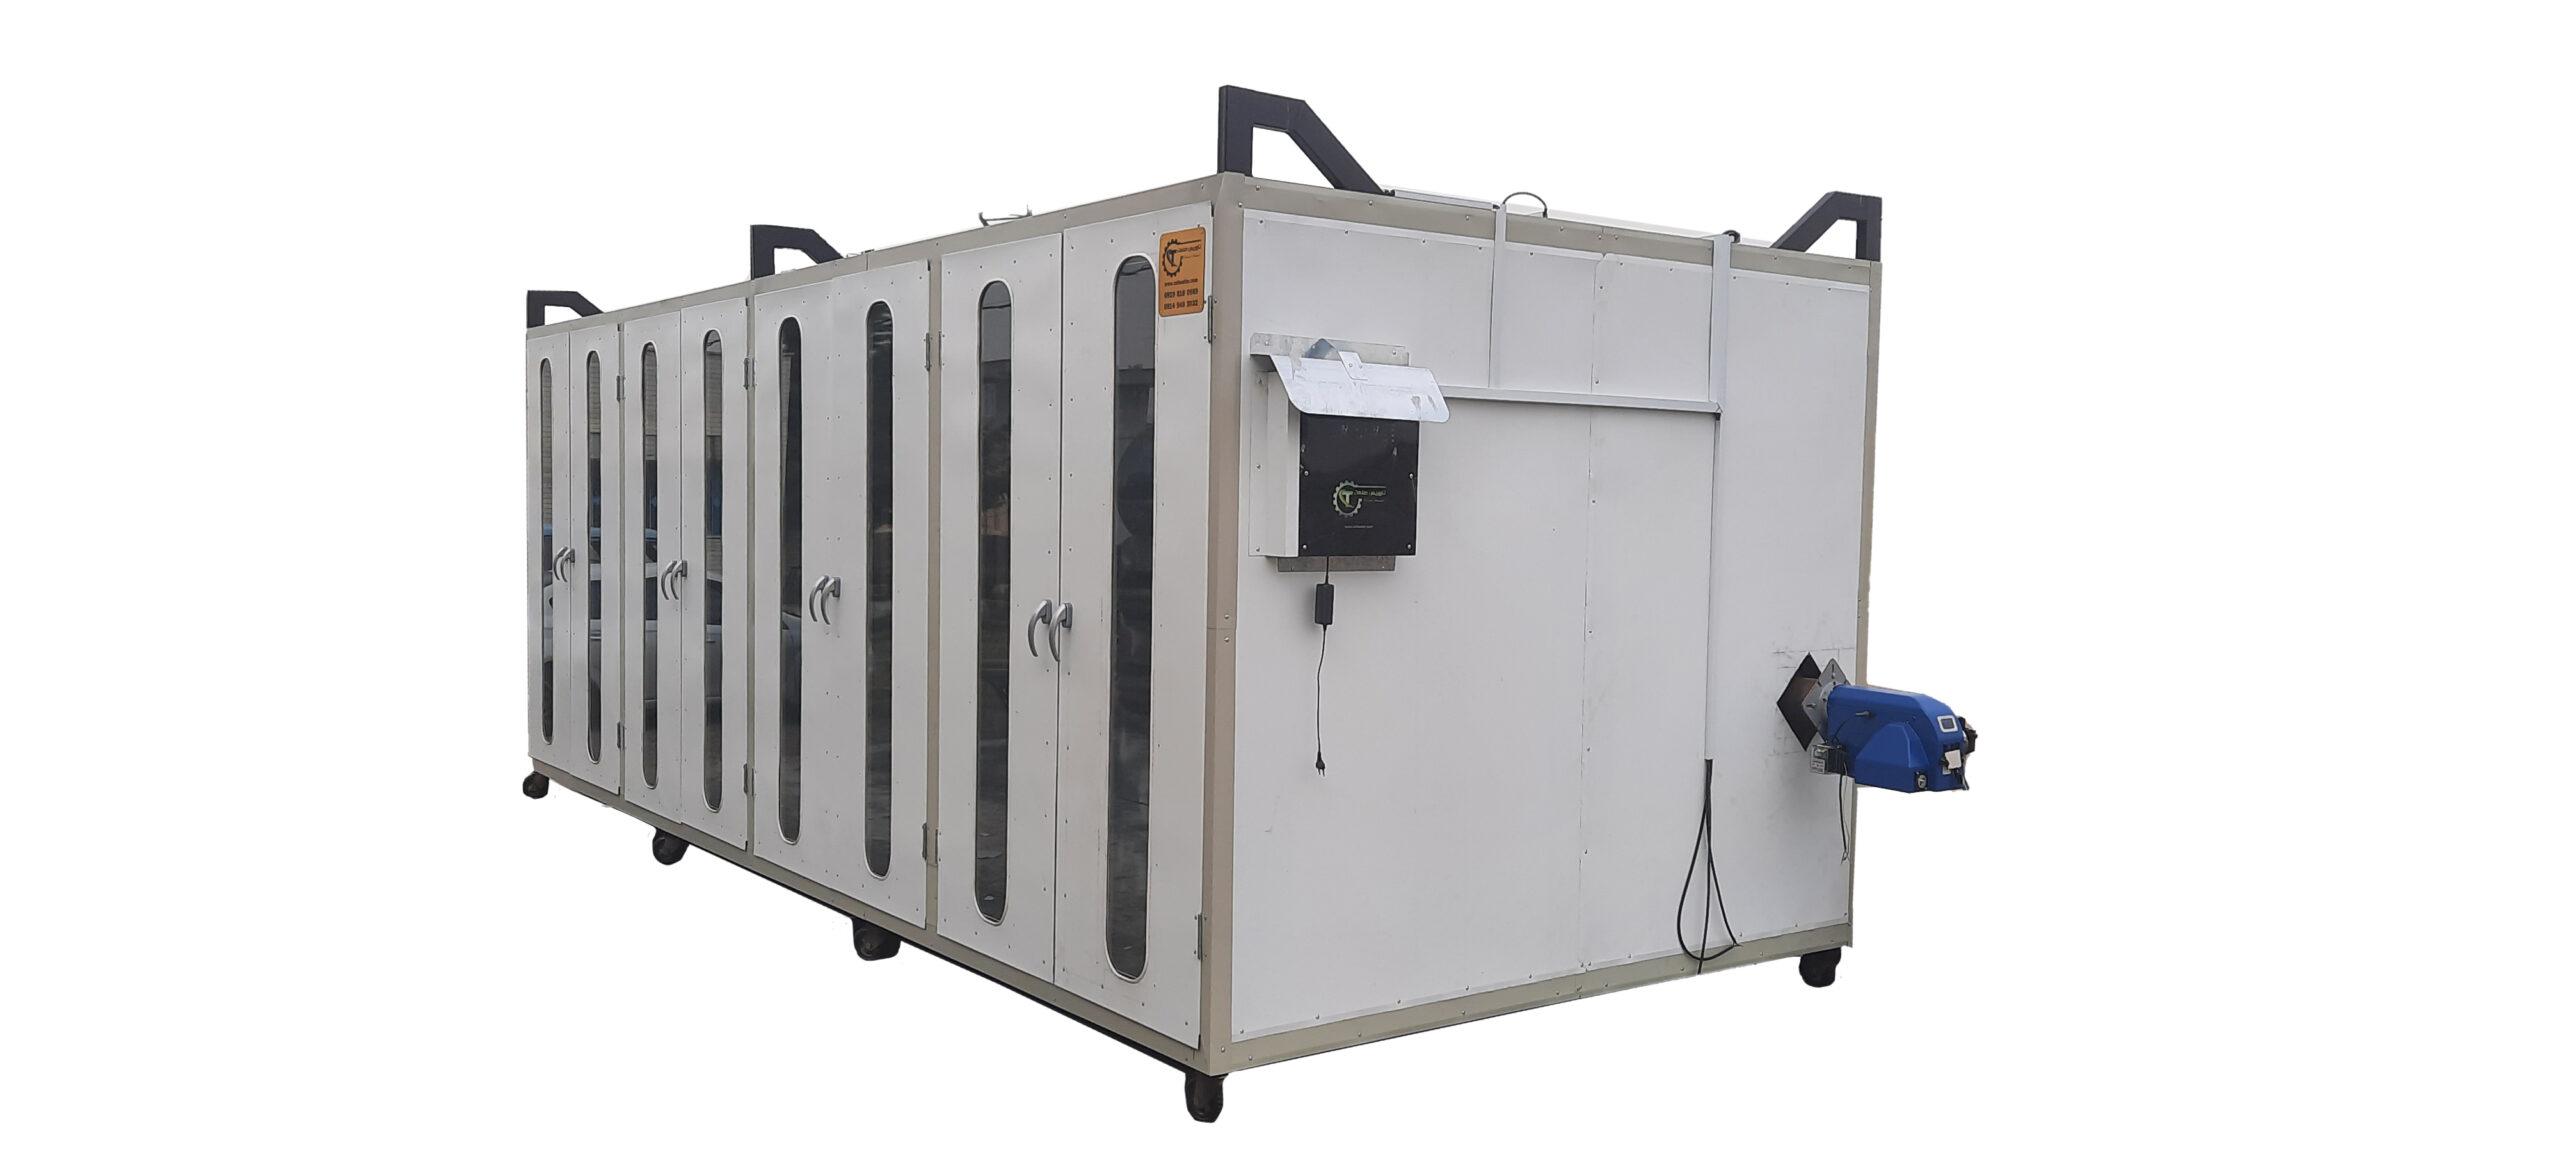 دستگاه خشک کن گازی و برقی